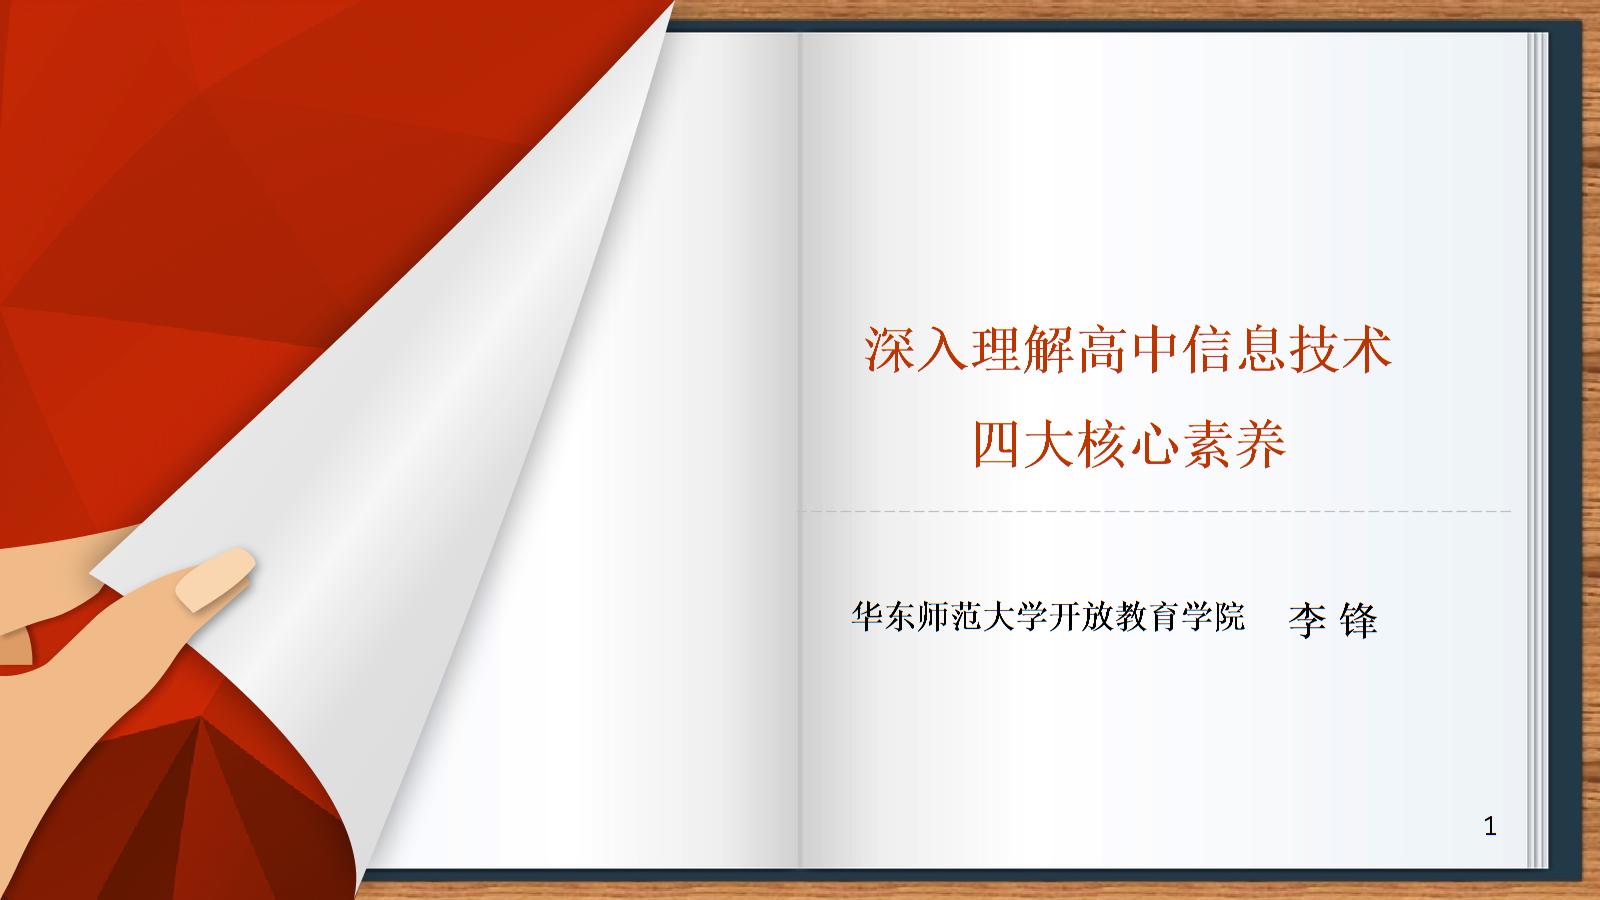 深入理解高中作文技术四大信息寒冬(李锋).ppt素养高中核心图片